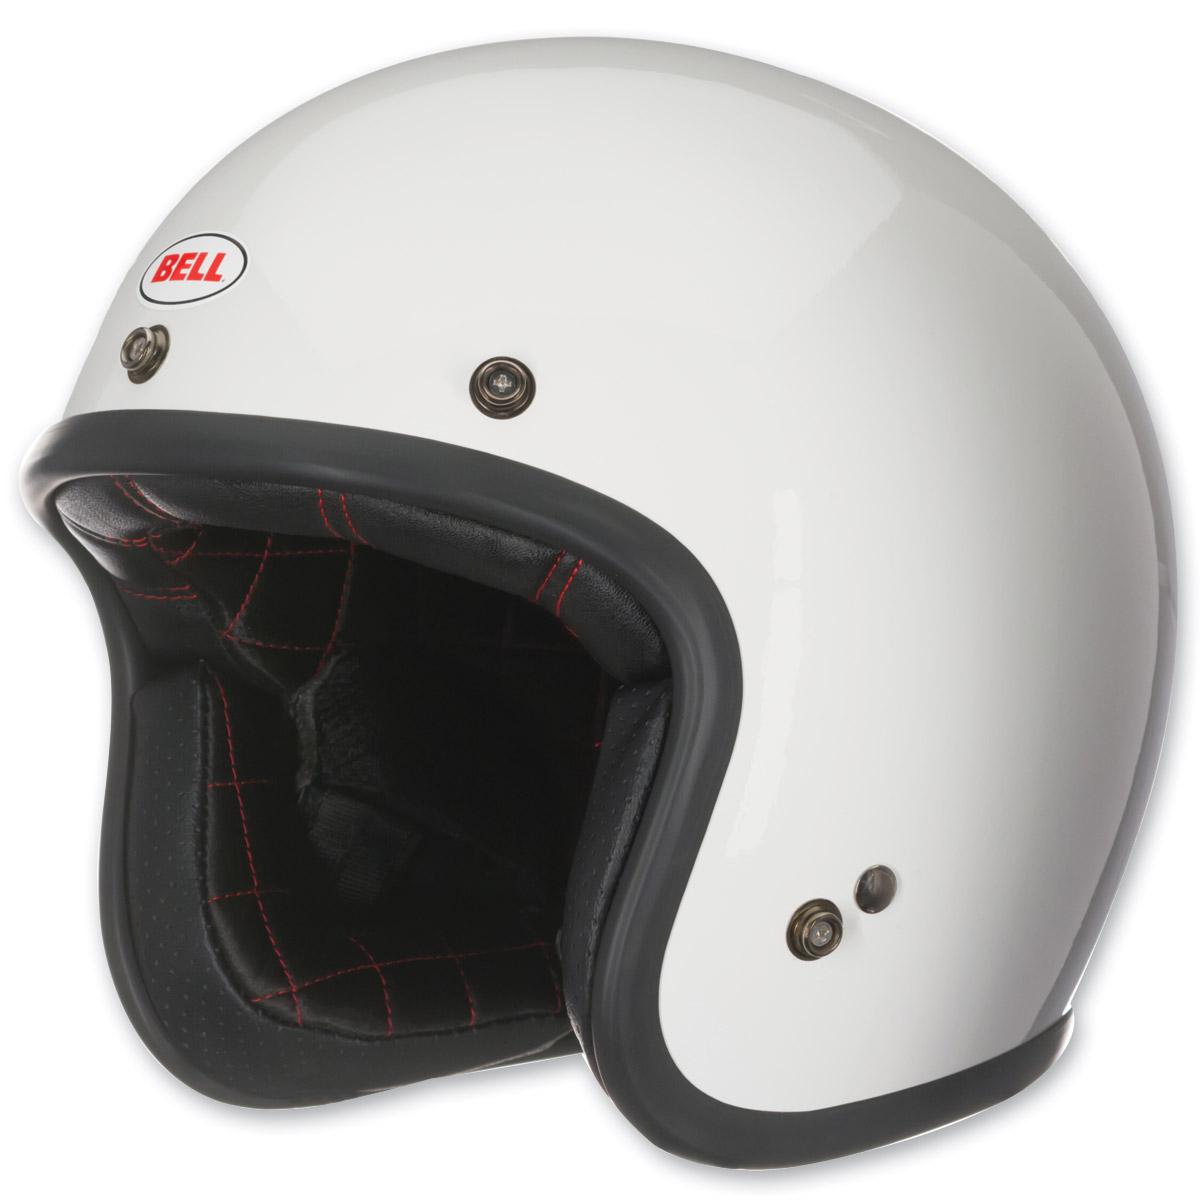 Bell Custom 500 White Open Face Helmet